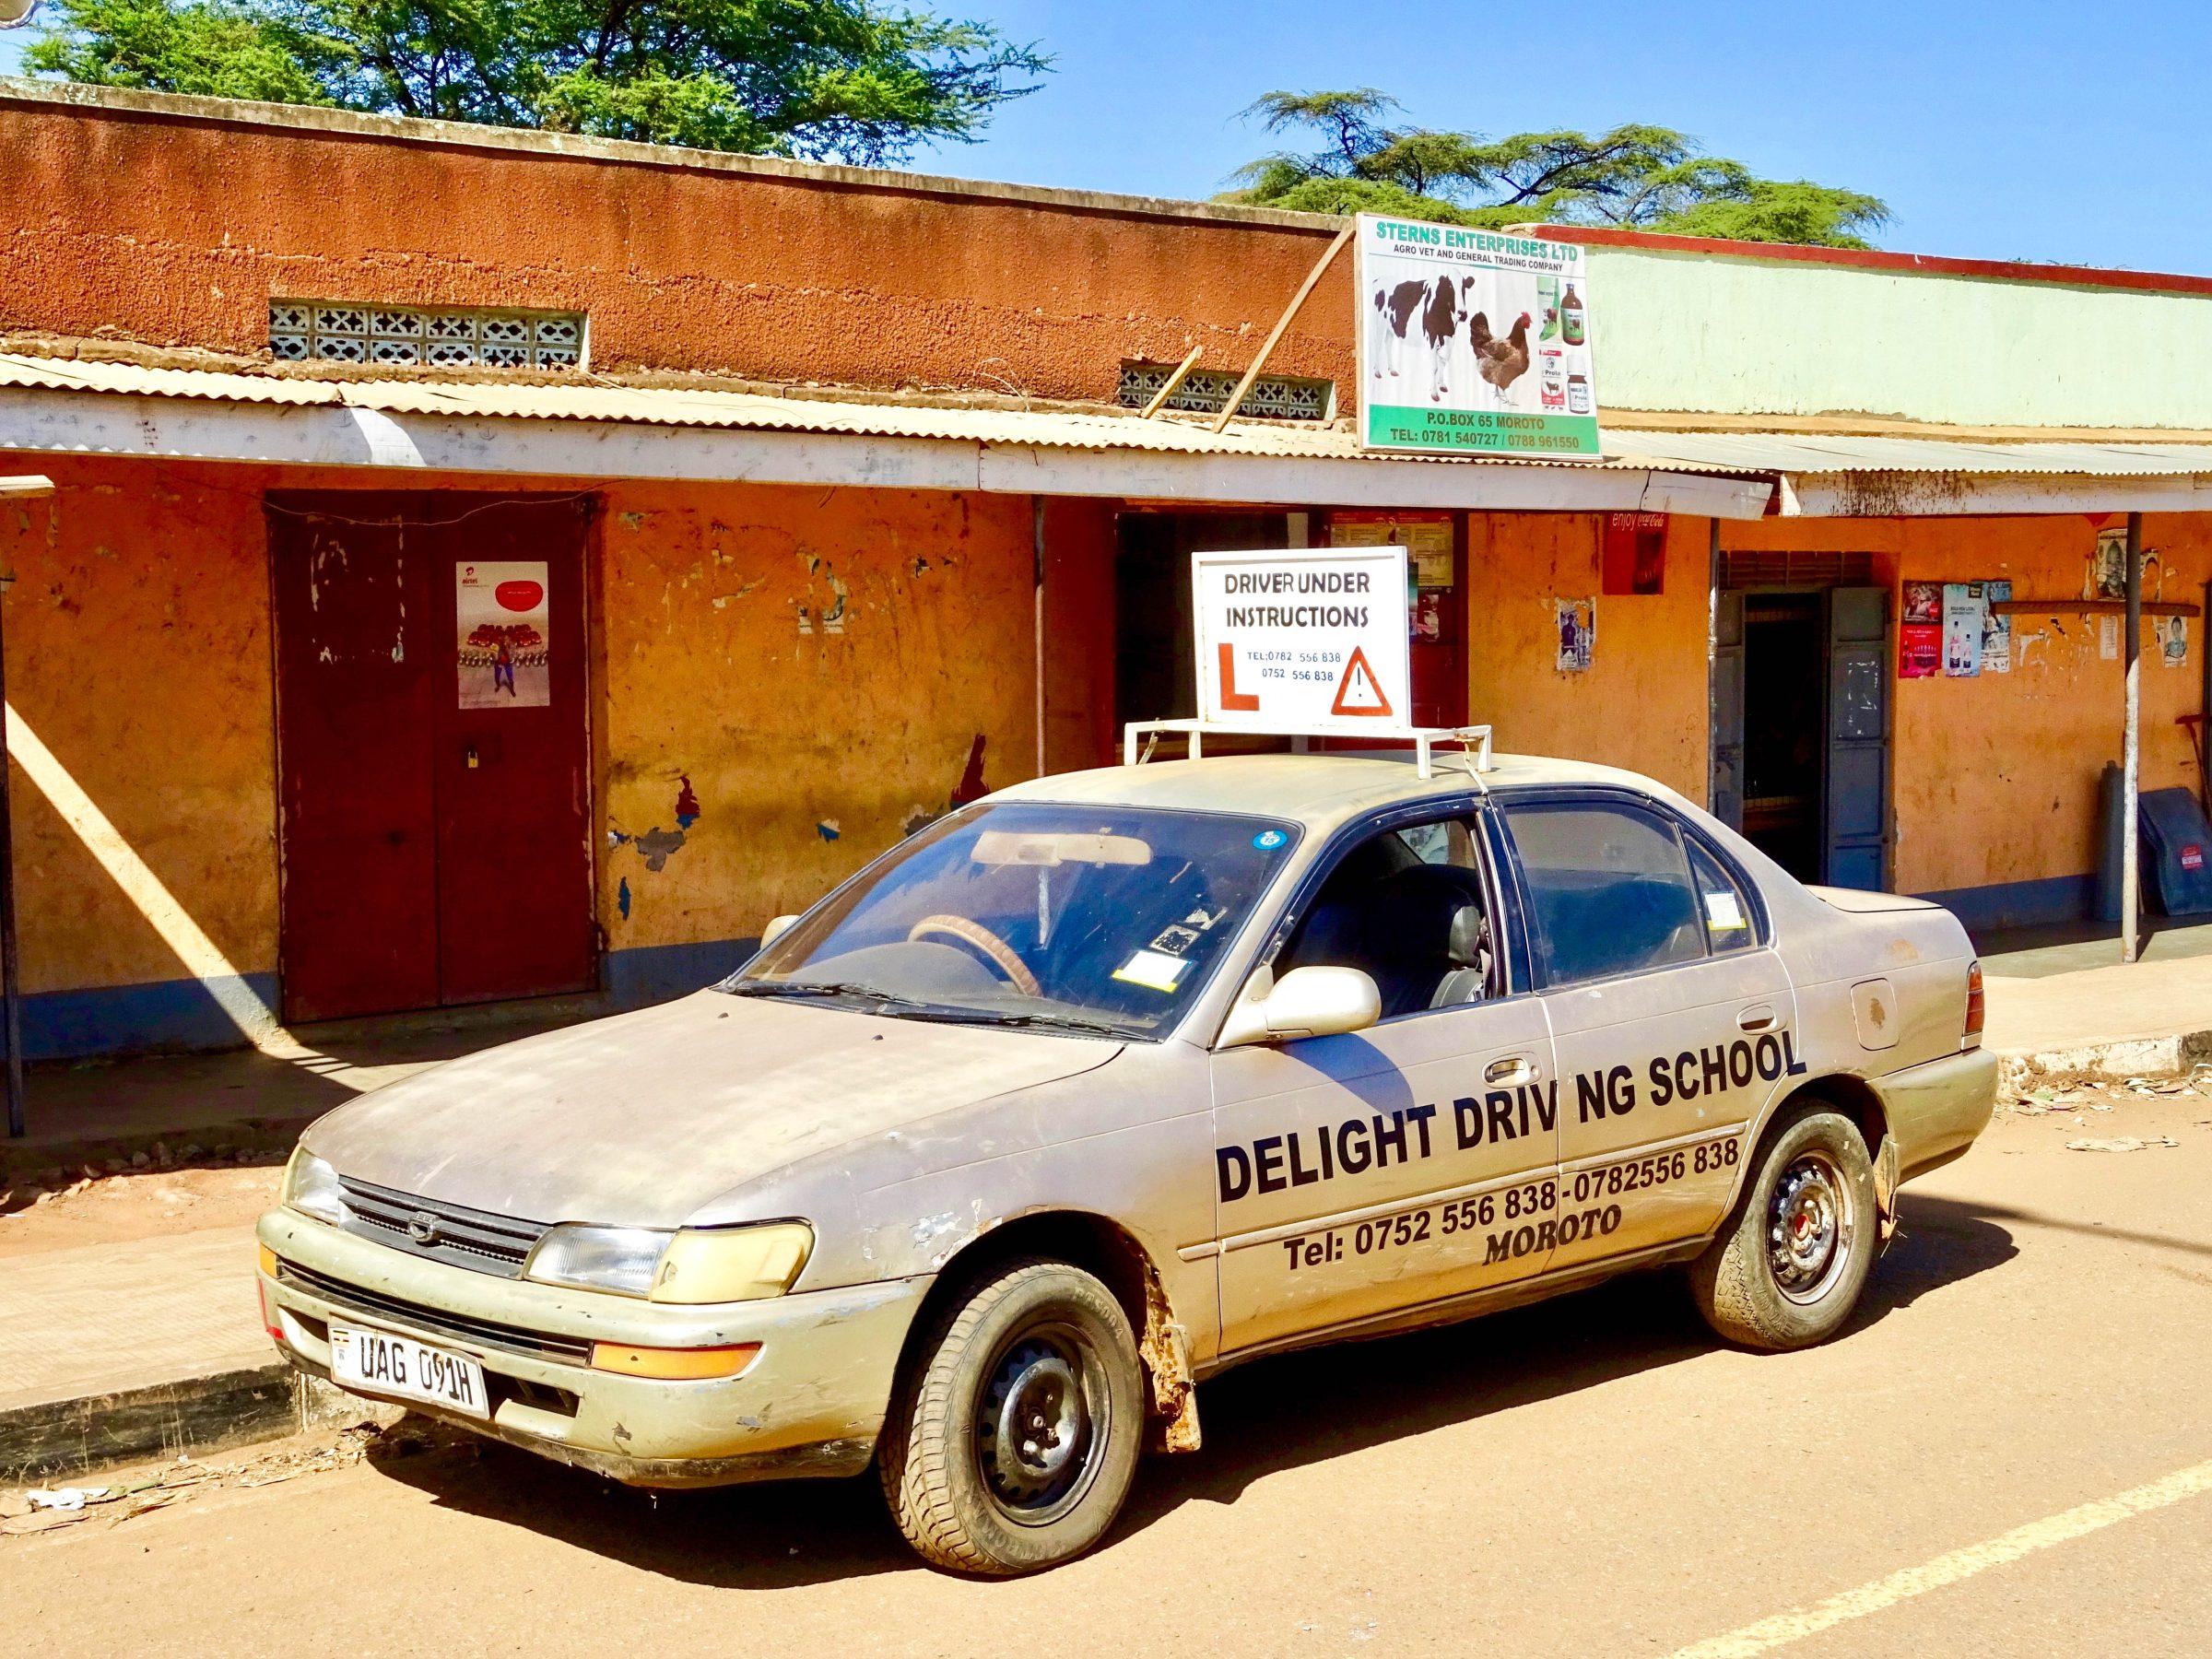 Rijlessen bij Delight Driving School in Moroto